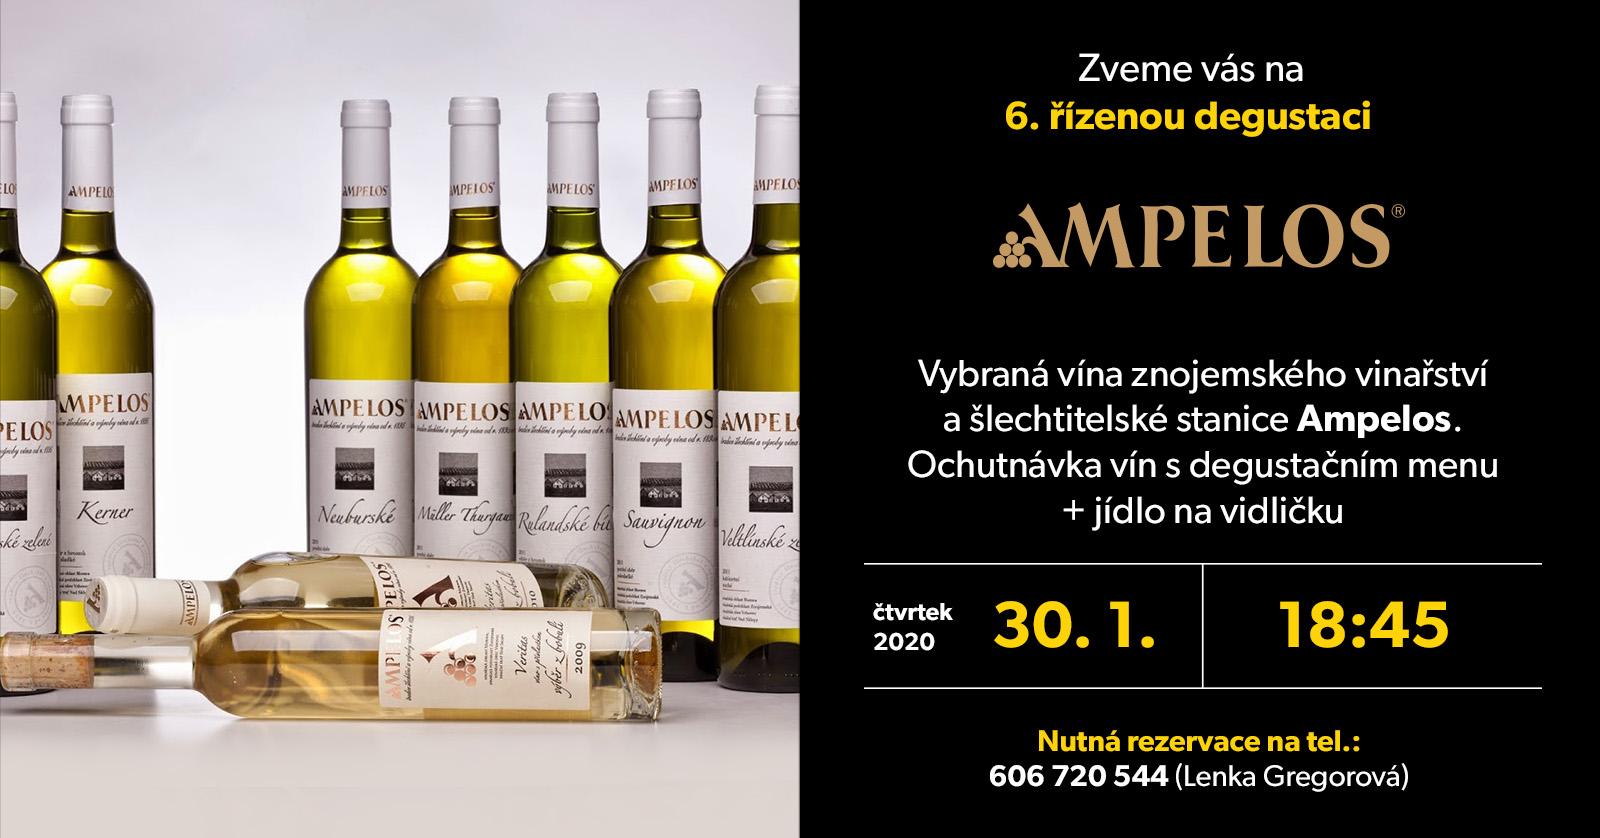 Degustace vín z vinařství AMPELOS proběhne ve čtvrtek 30.1.2020